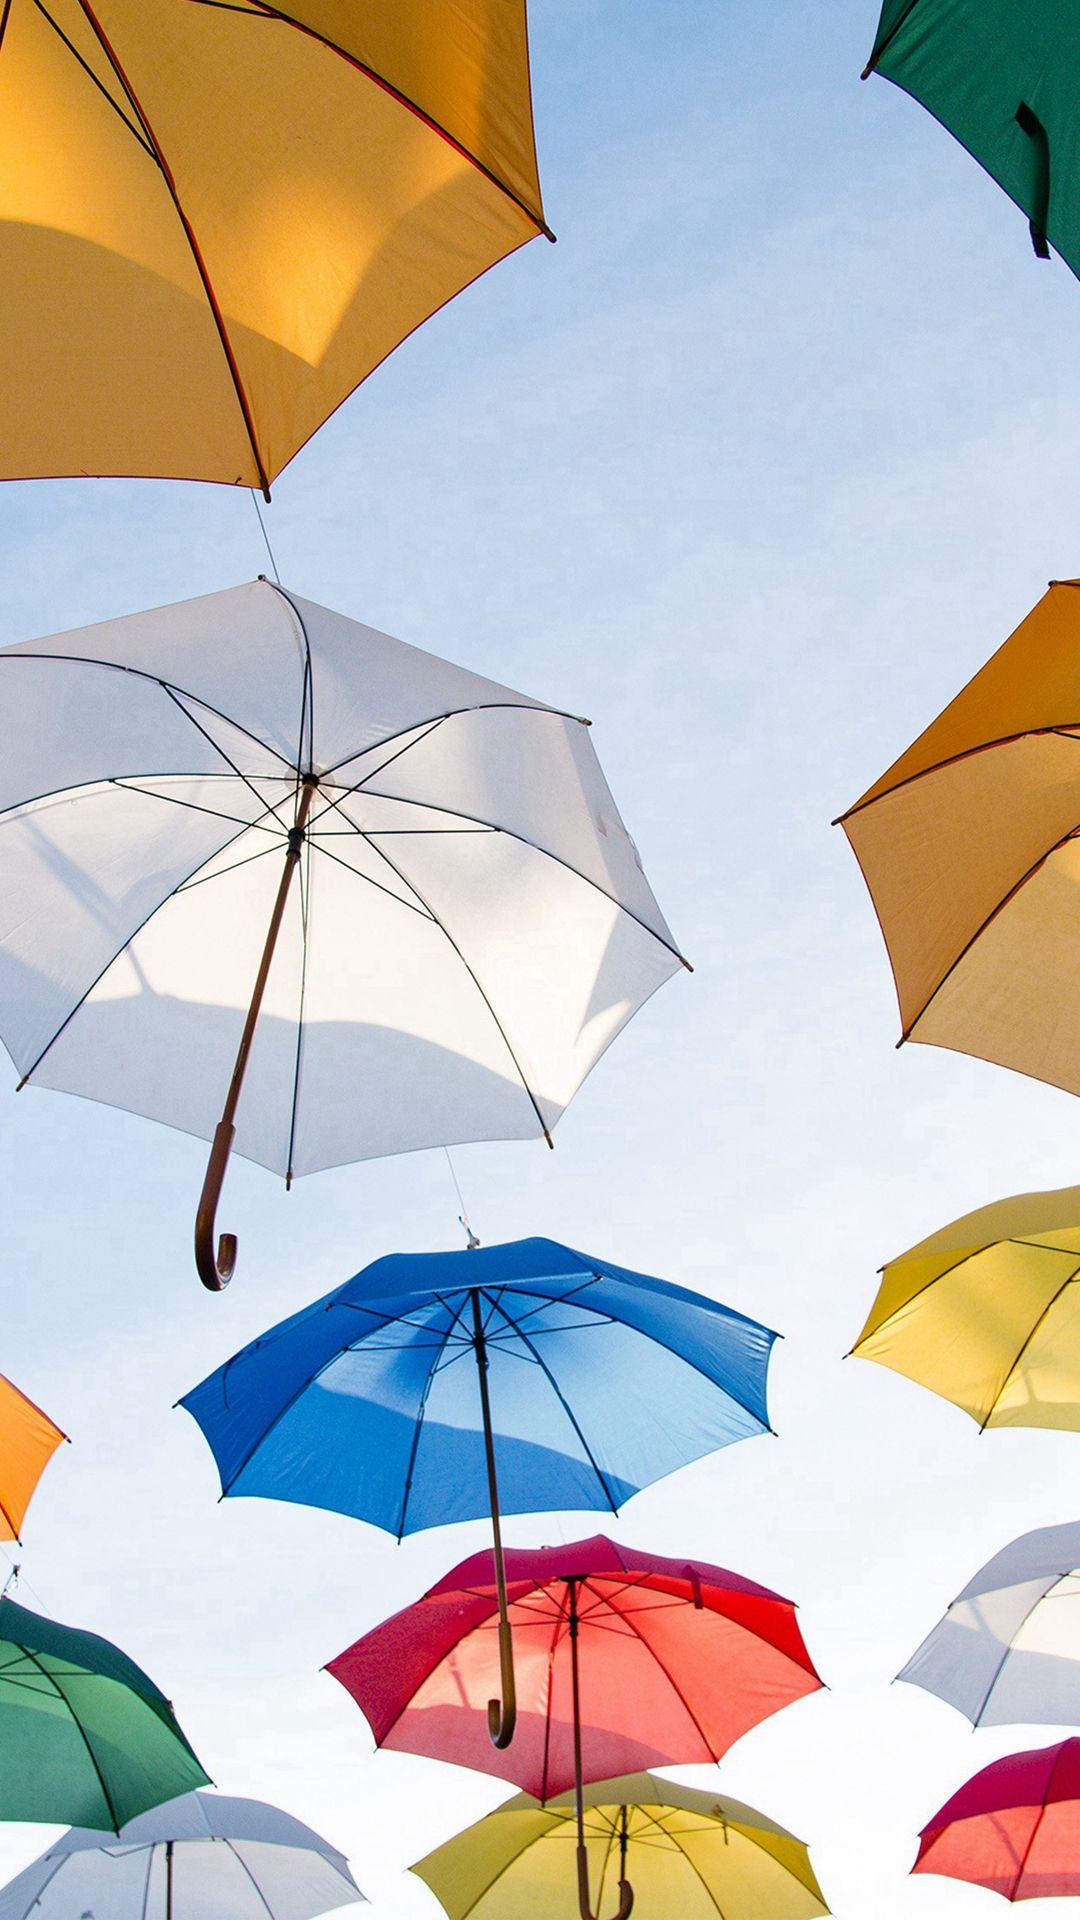 Umbrella rainbow color art iphone 6 wallpaper